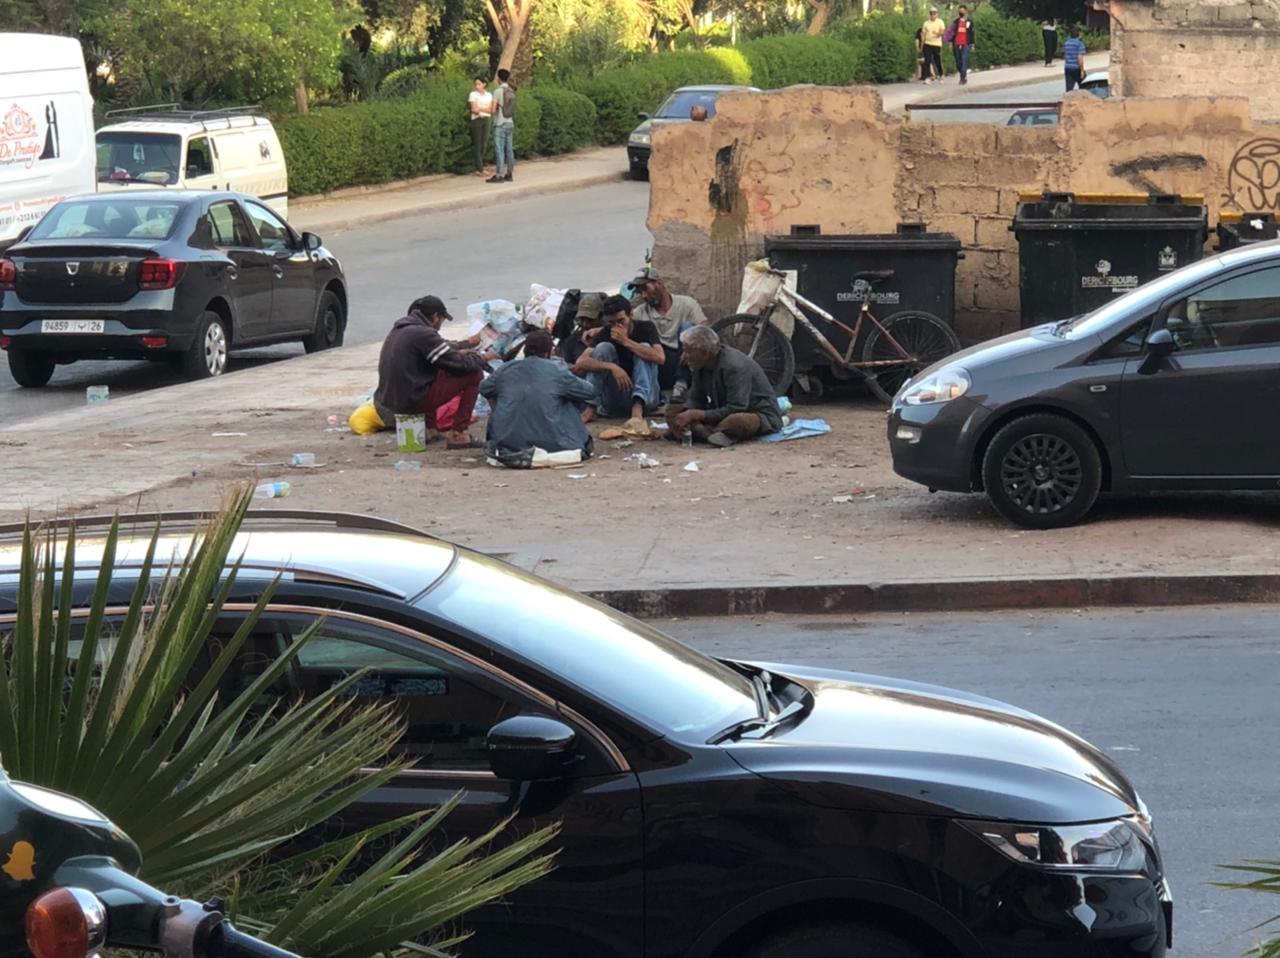 مشاهد صادمة وسلوكات خطيرة تحول شارعا لنقطة سوداء بمراكش + صور